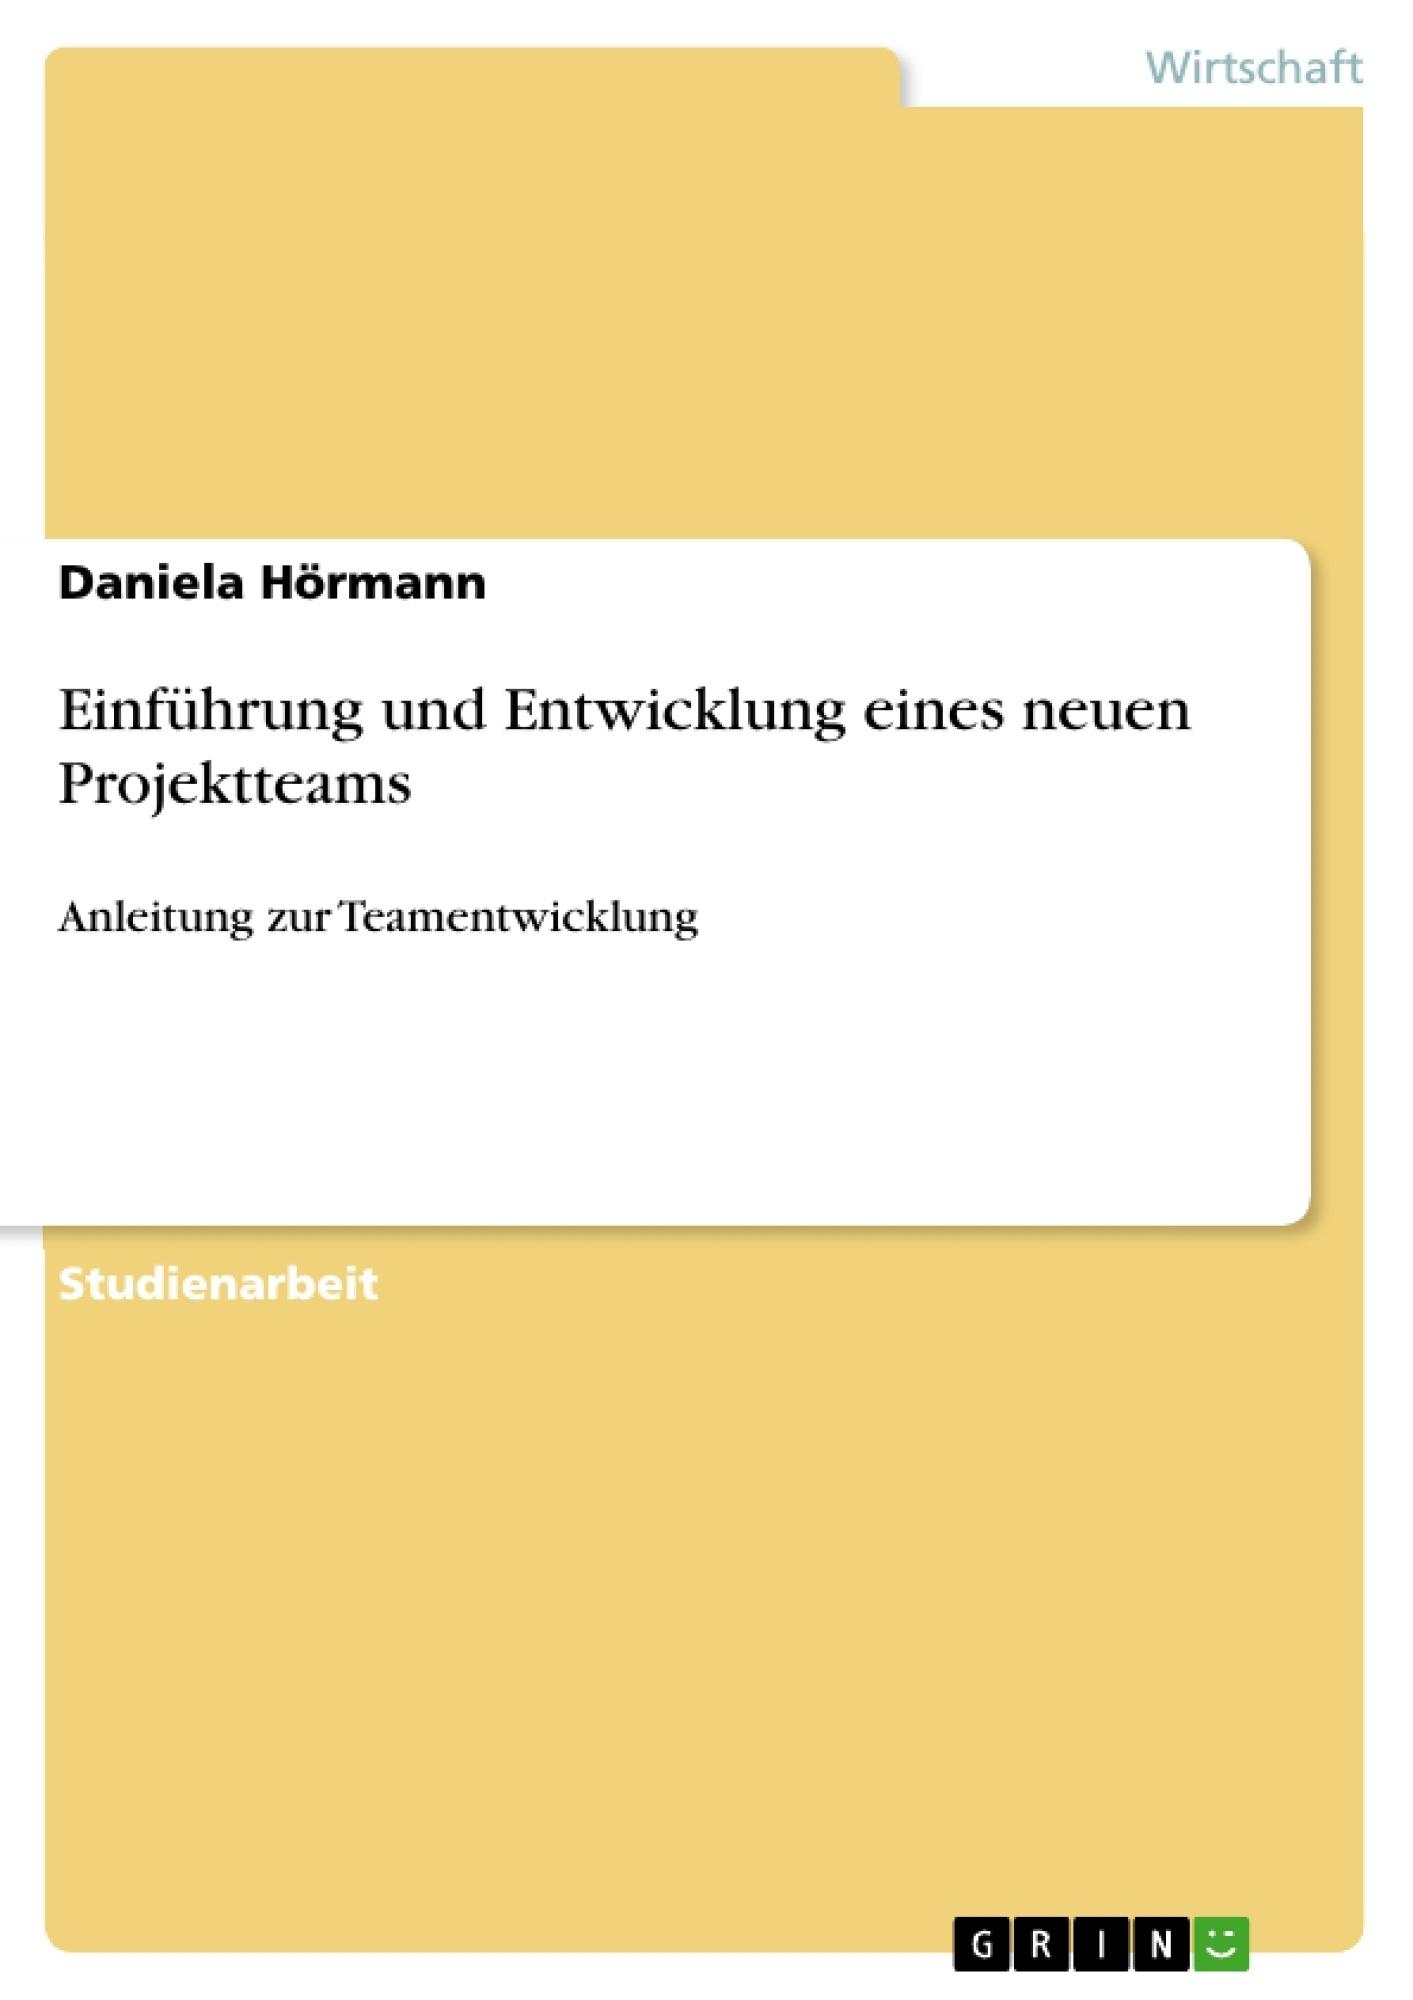 Titel: Einführung und Entwicklung eines neuen Projektteams